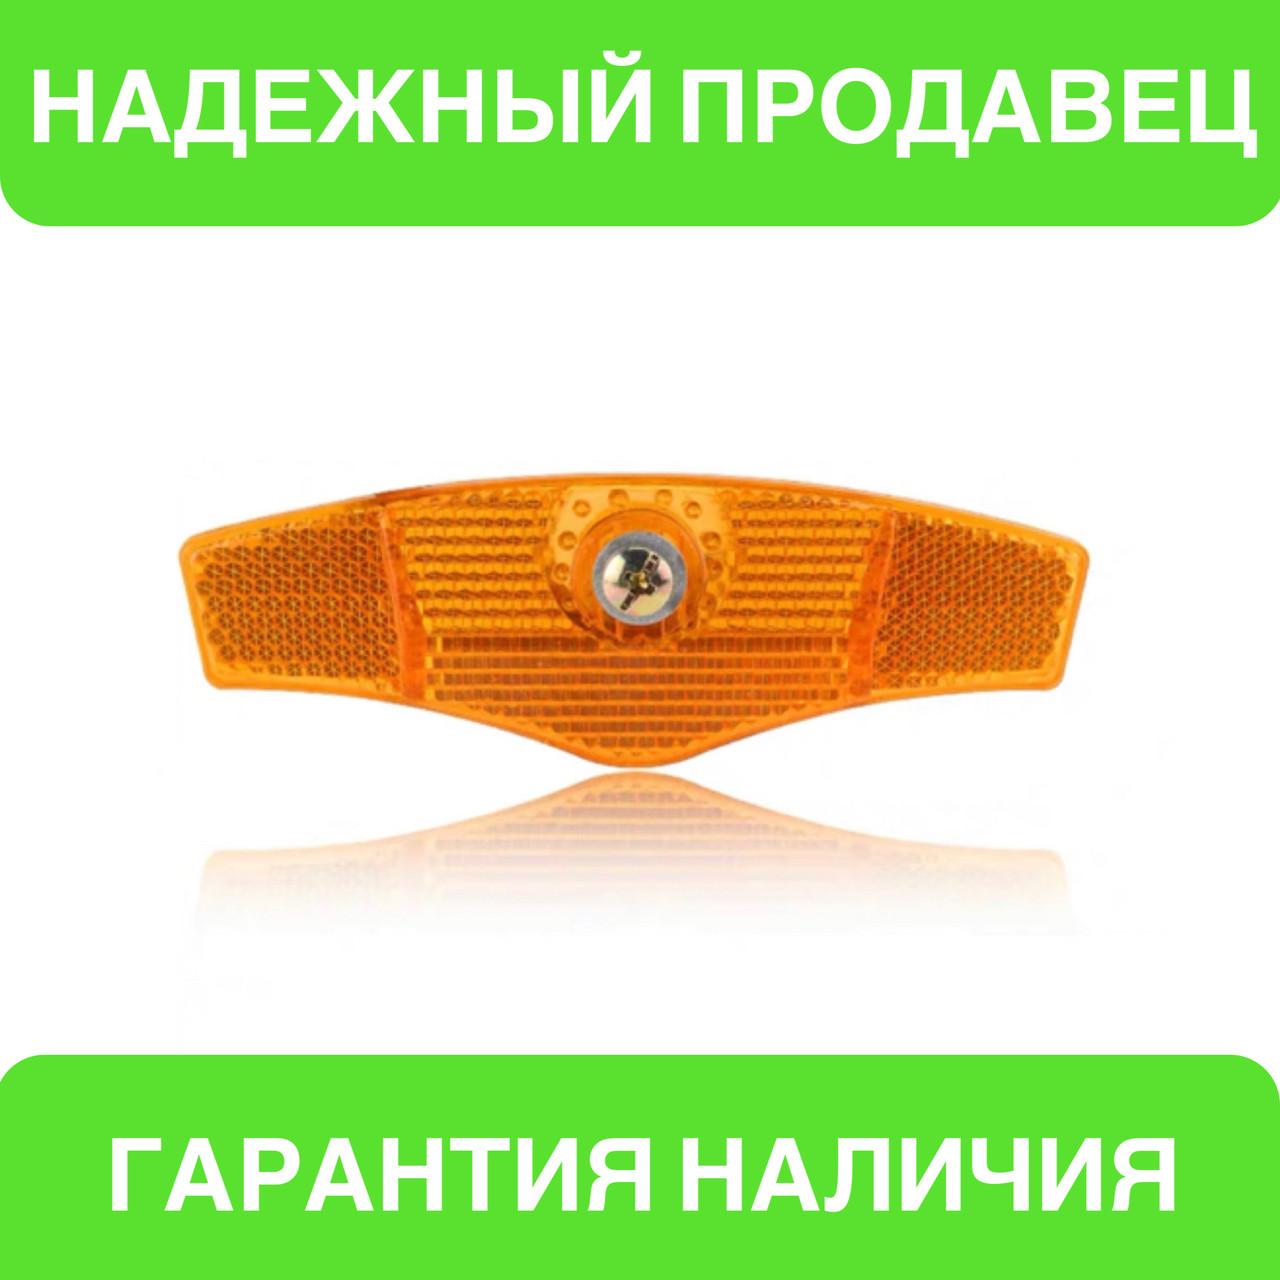 Светоотражатель, оранжевый катафот на колесо велосипеда с креплением на спицы